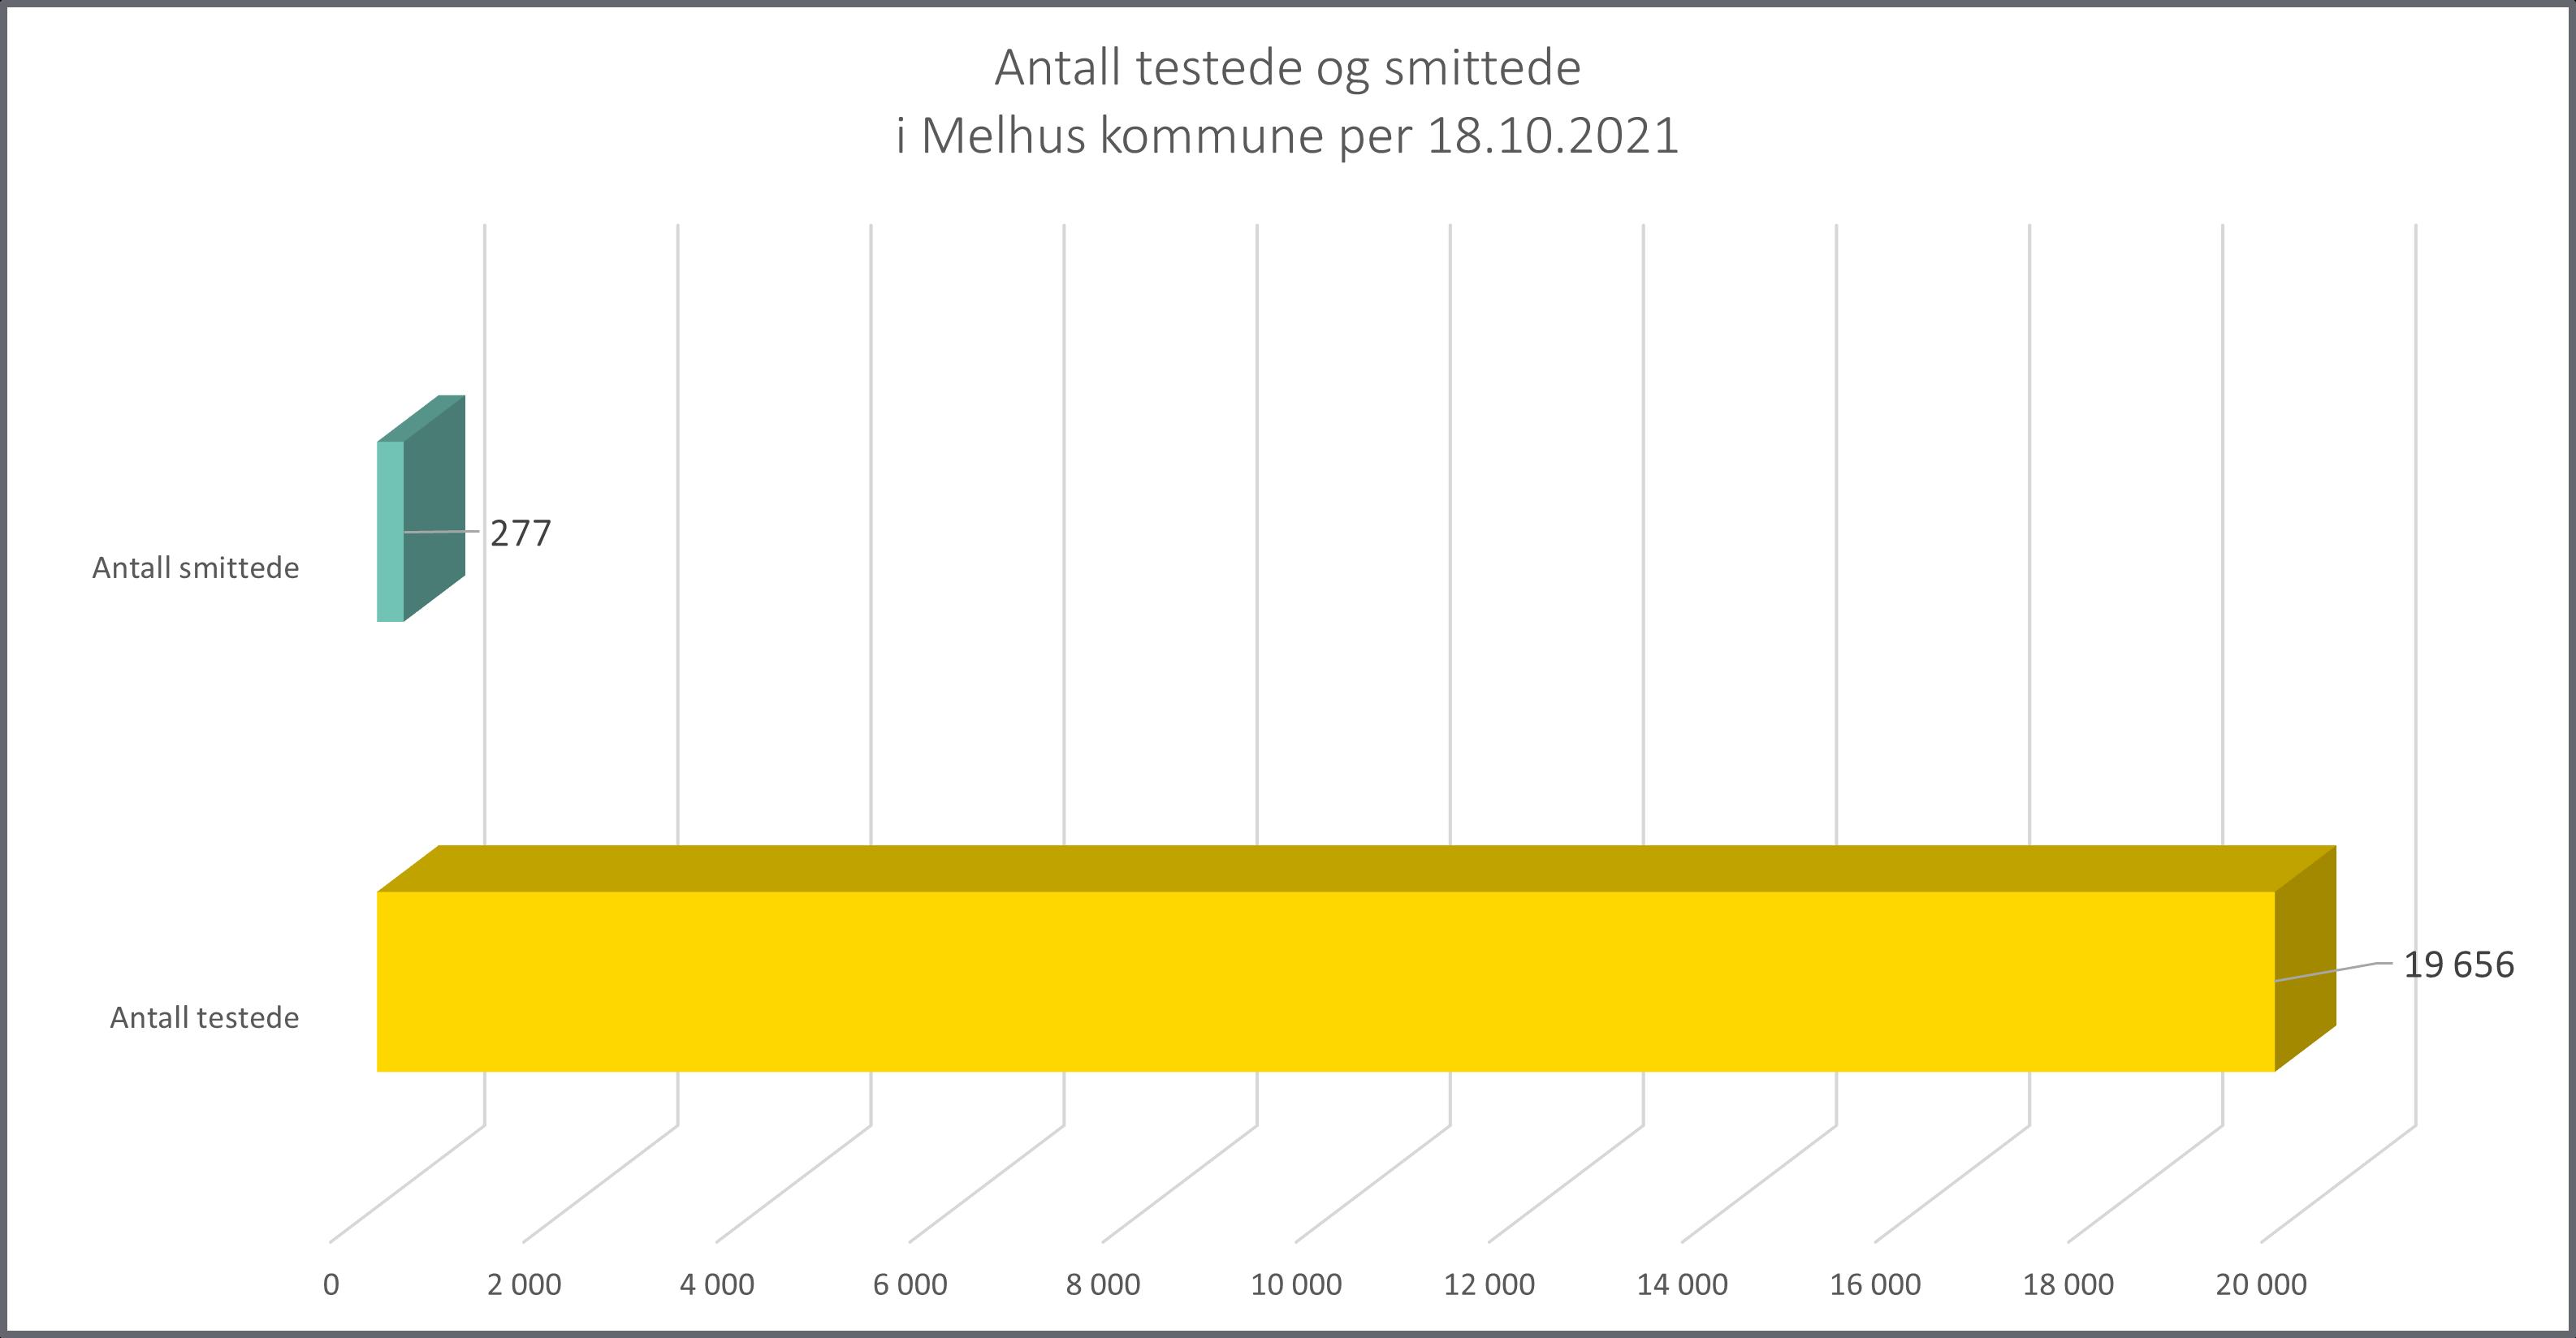 antall testede og smittede 181021.png